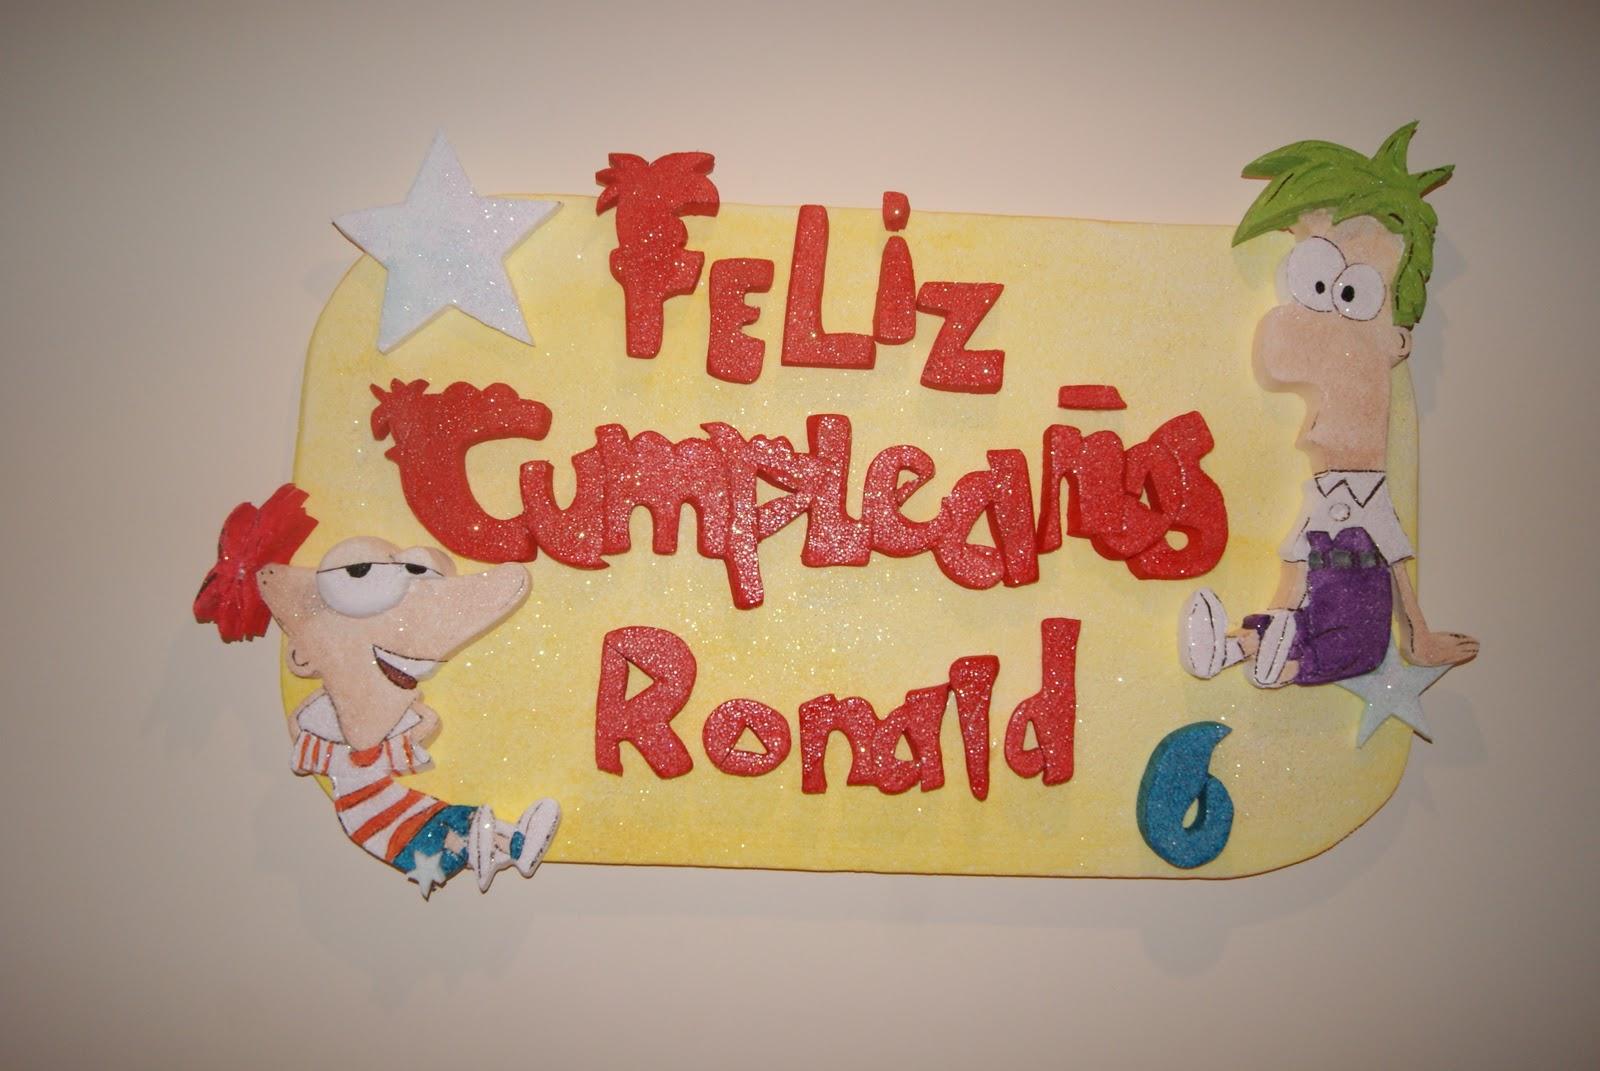 Decoración para Fiestas en Icopor ó Poliespan: Phineas y Ferb